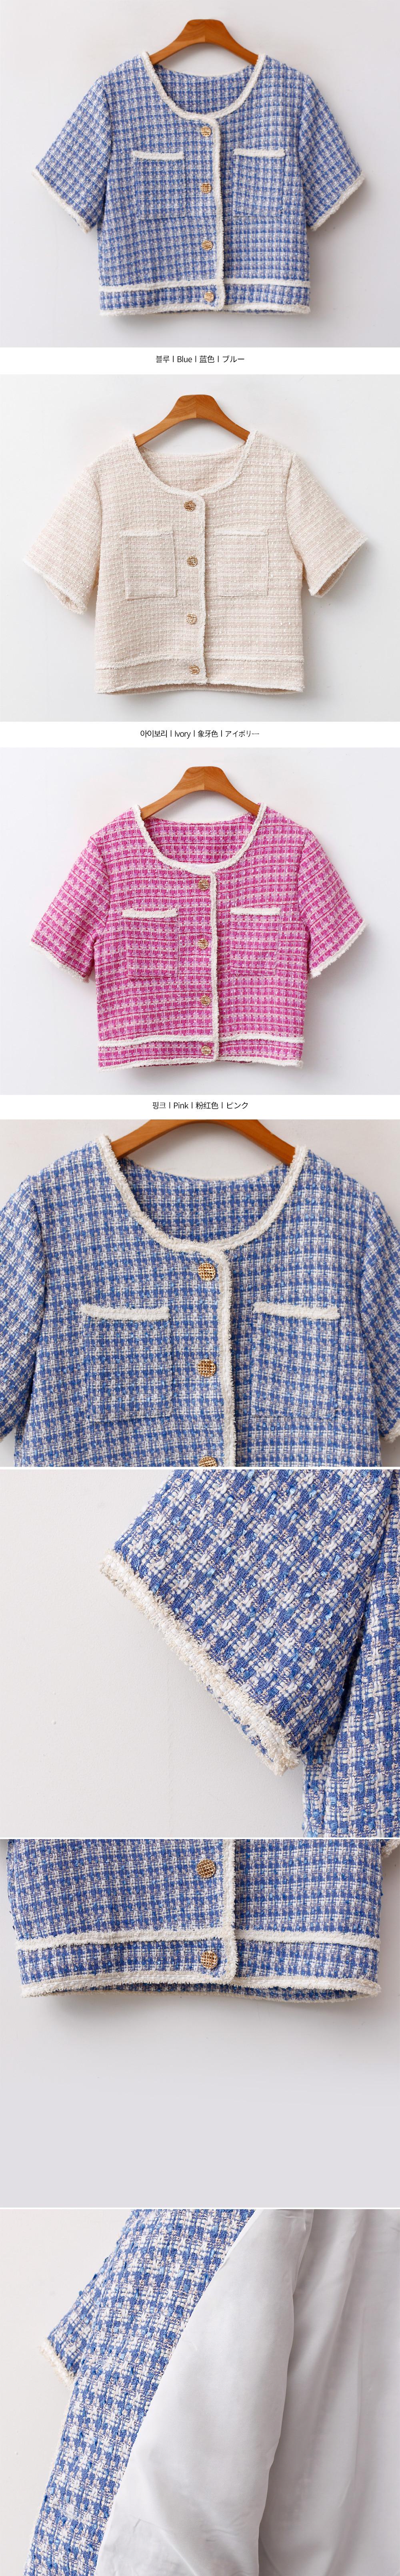 Po Knitwear with Jacket